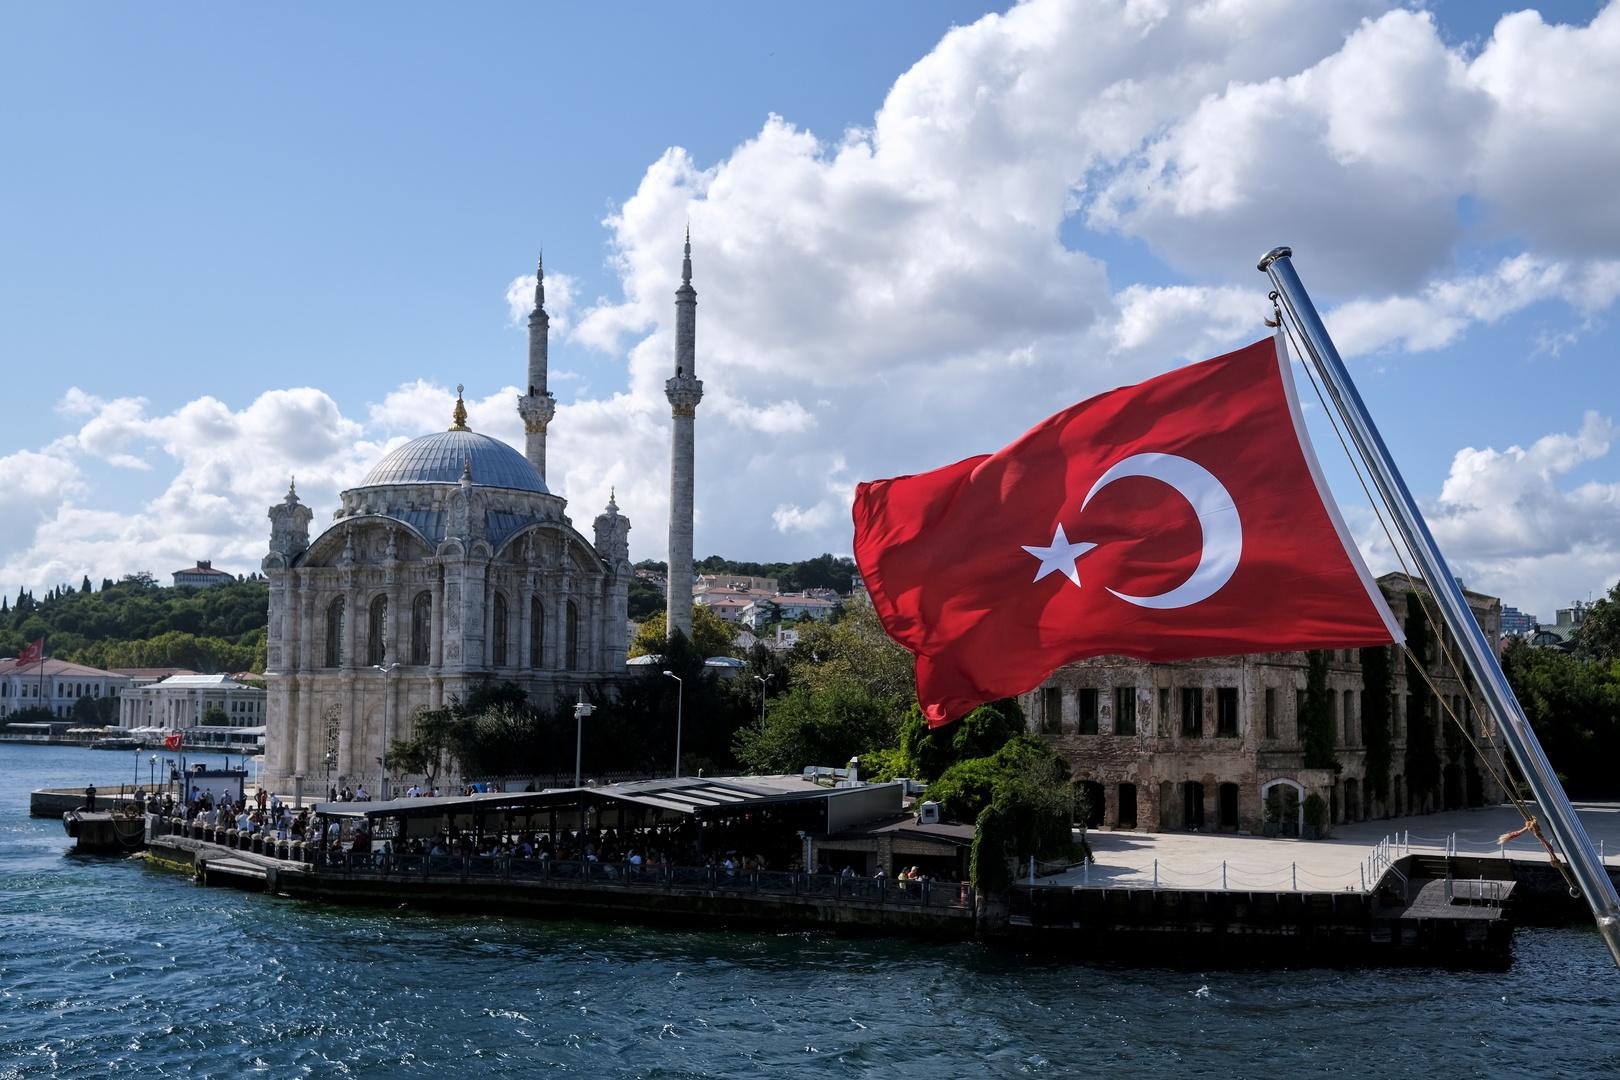 تركيا تتفاوض مع المغرب لبيعها طائرات مسيرة مسلحة